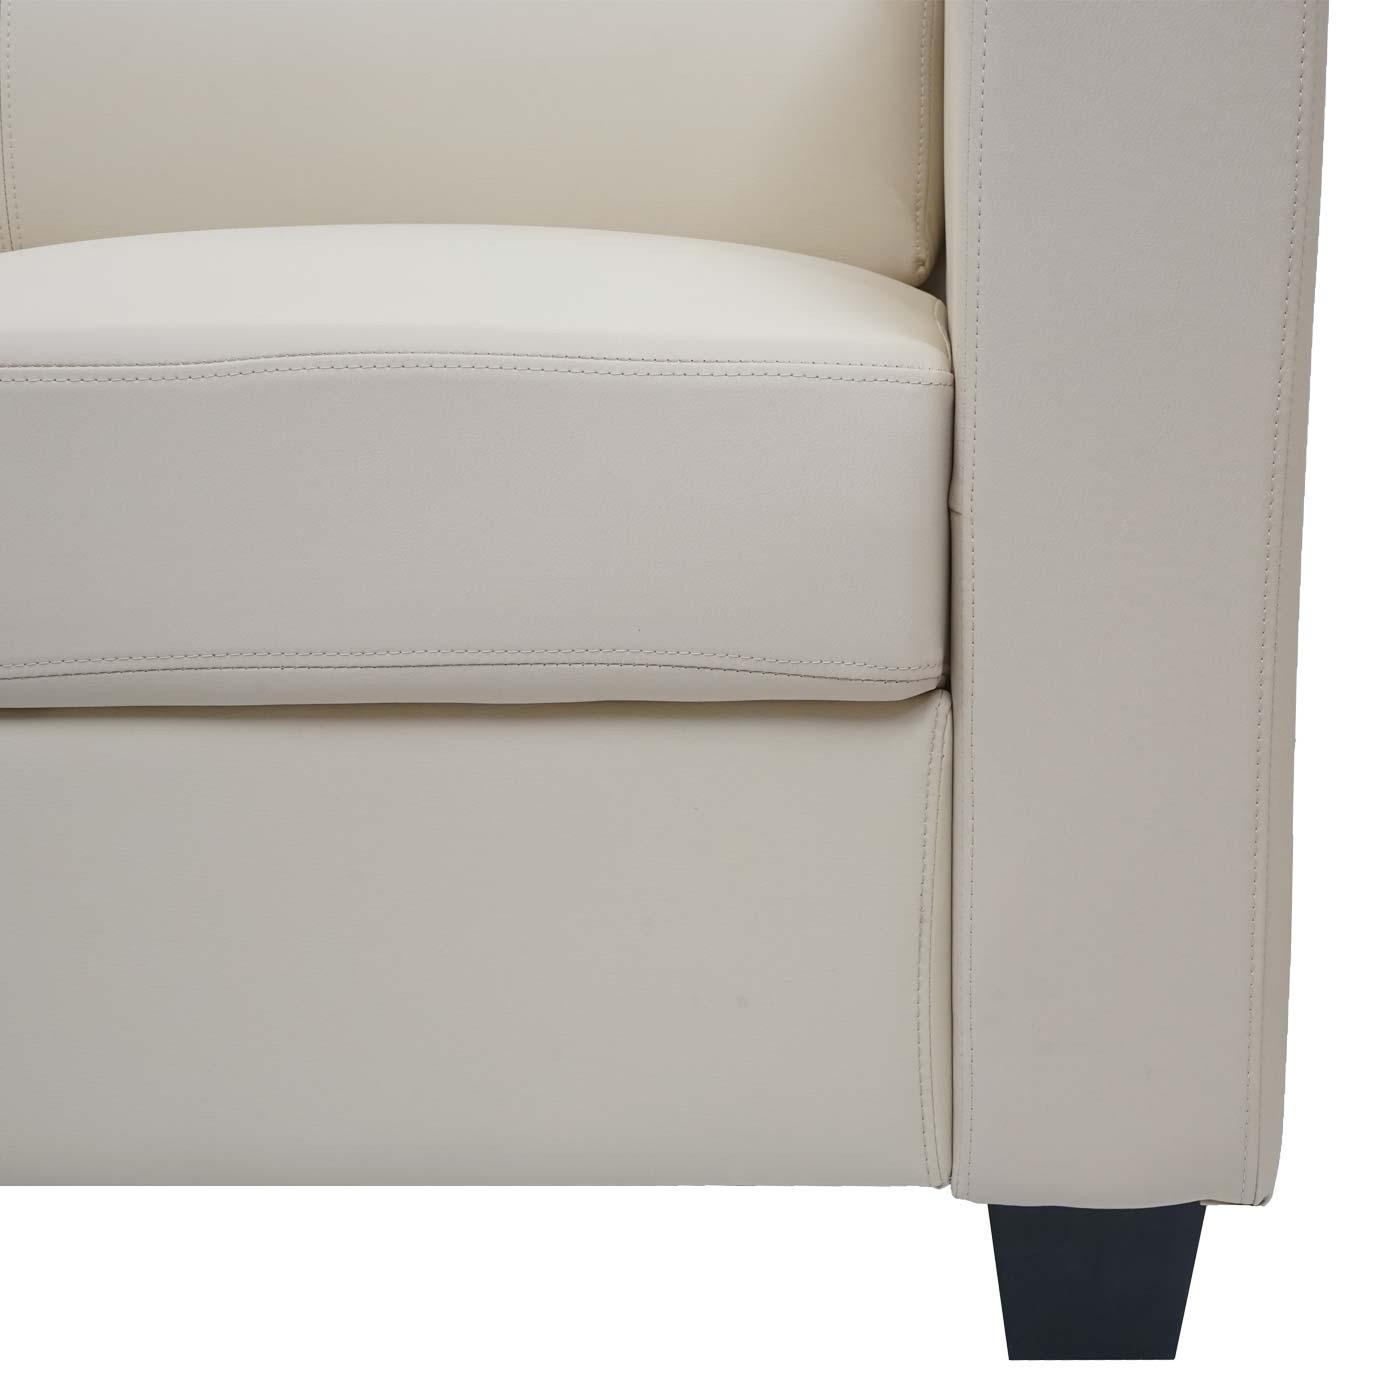 3-2-1 Sofagarnitur Couchgarnitur Loungesofa Lille Detailansicht Aufbau